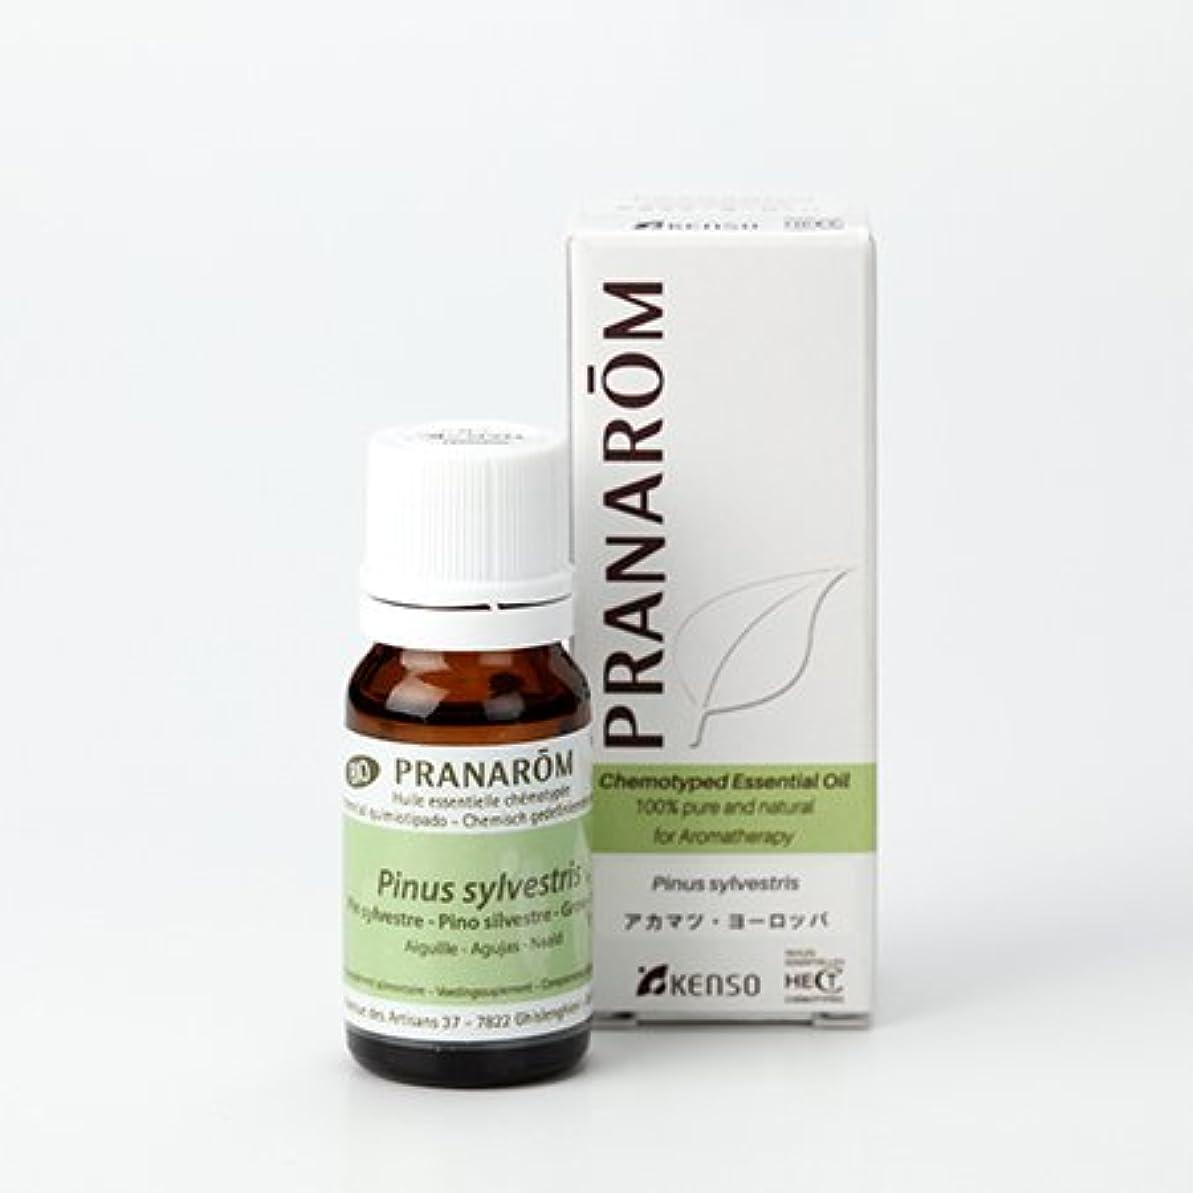 ジュニア引数援助するプラナロム ( PRANAROM ) 精油 アカマツ?ヨーロッパ 10ml p-152 アカマツヨーロッパ